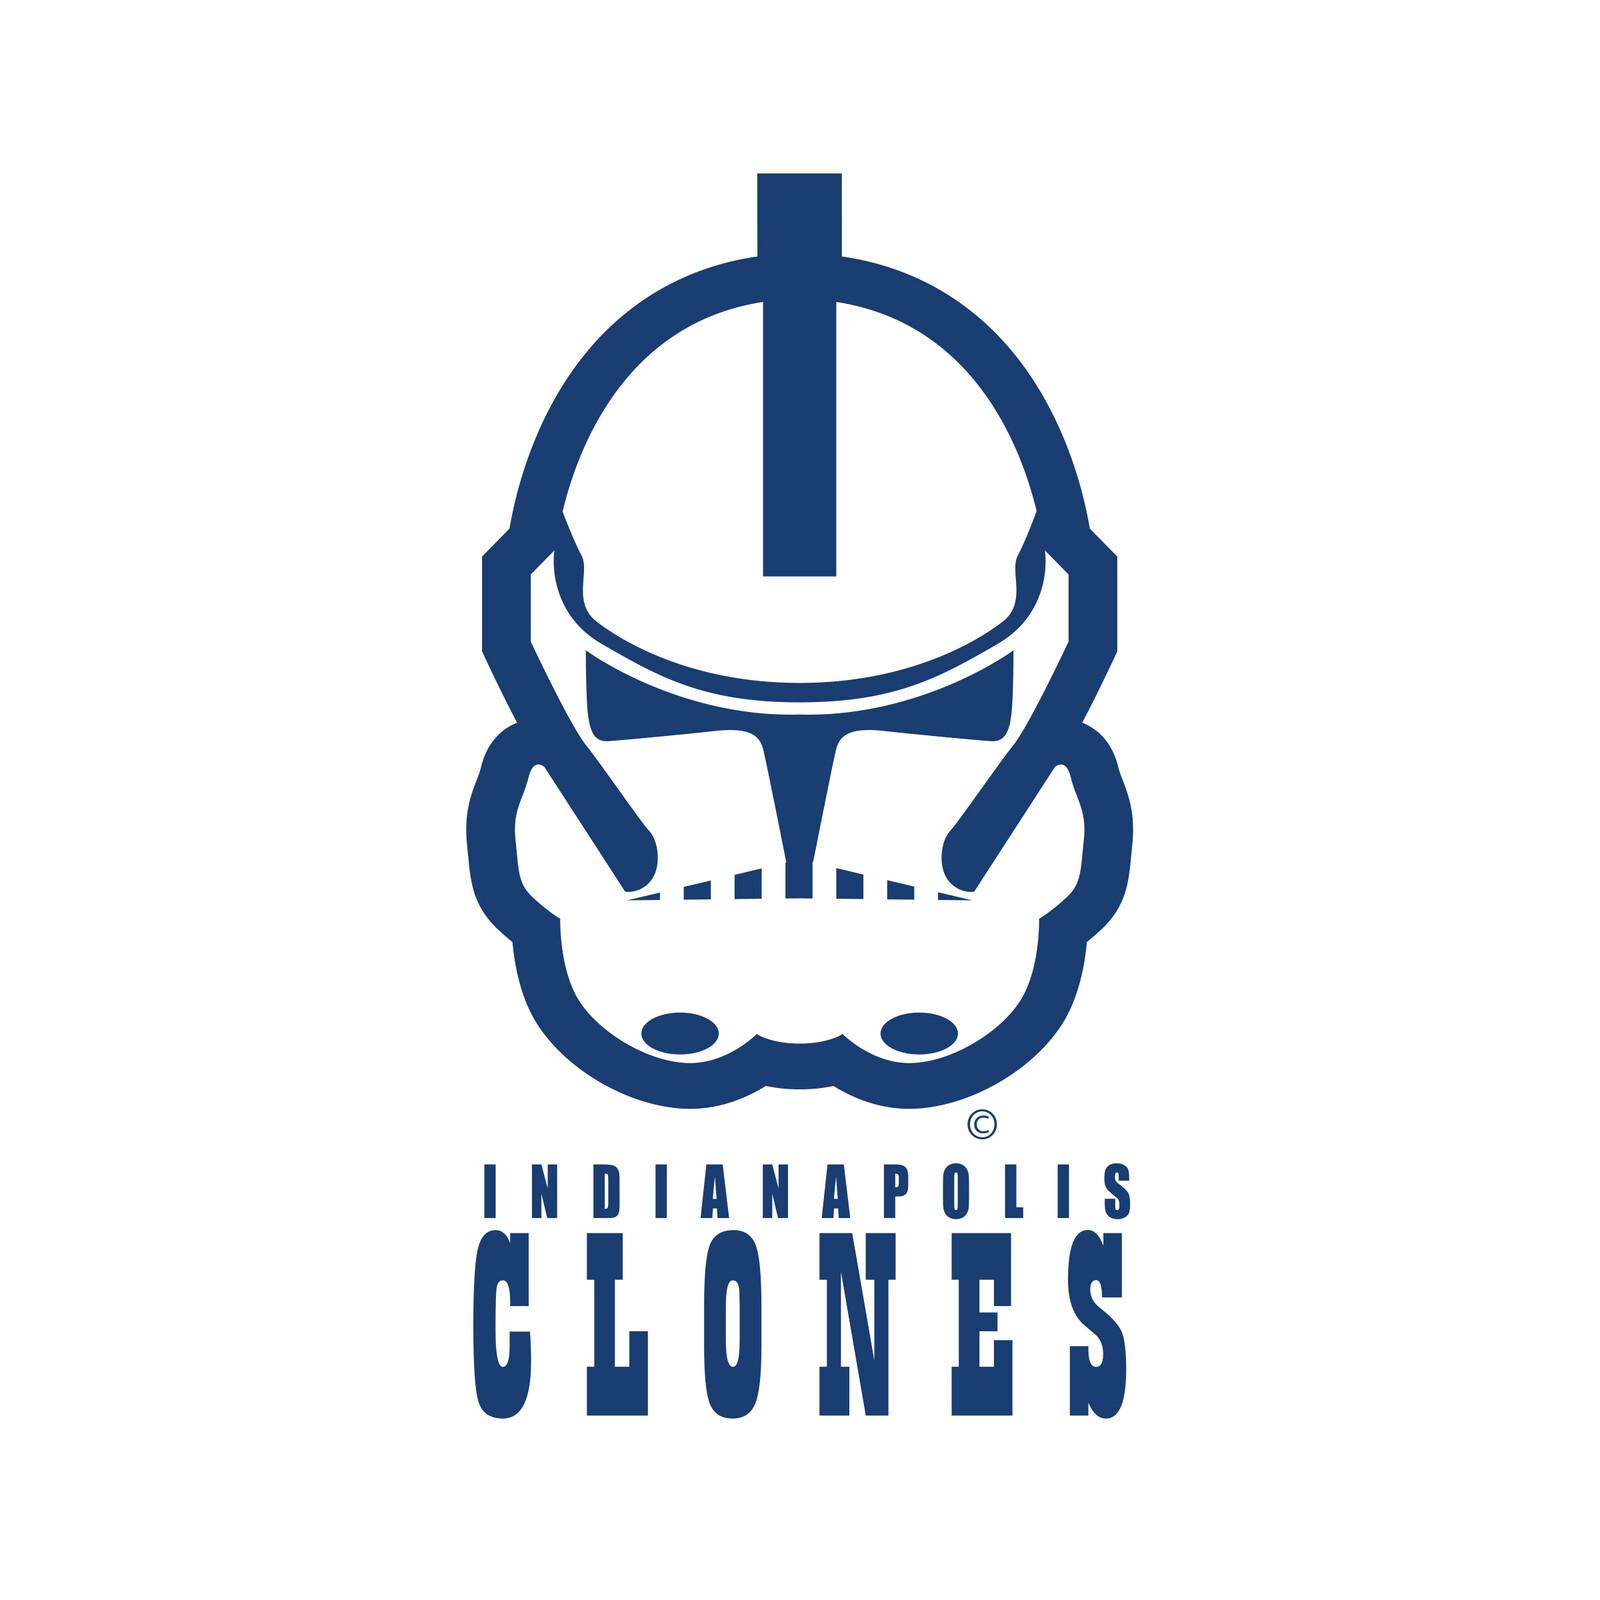 Indianapolis Clones